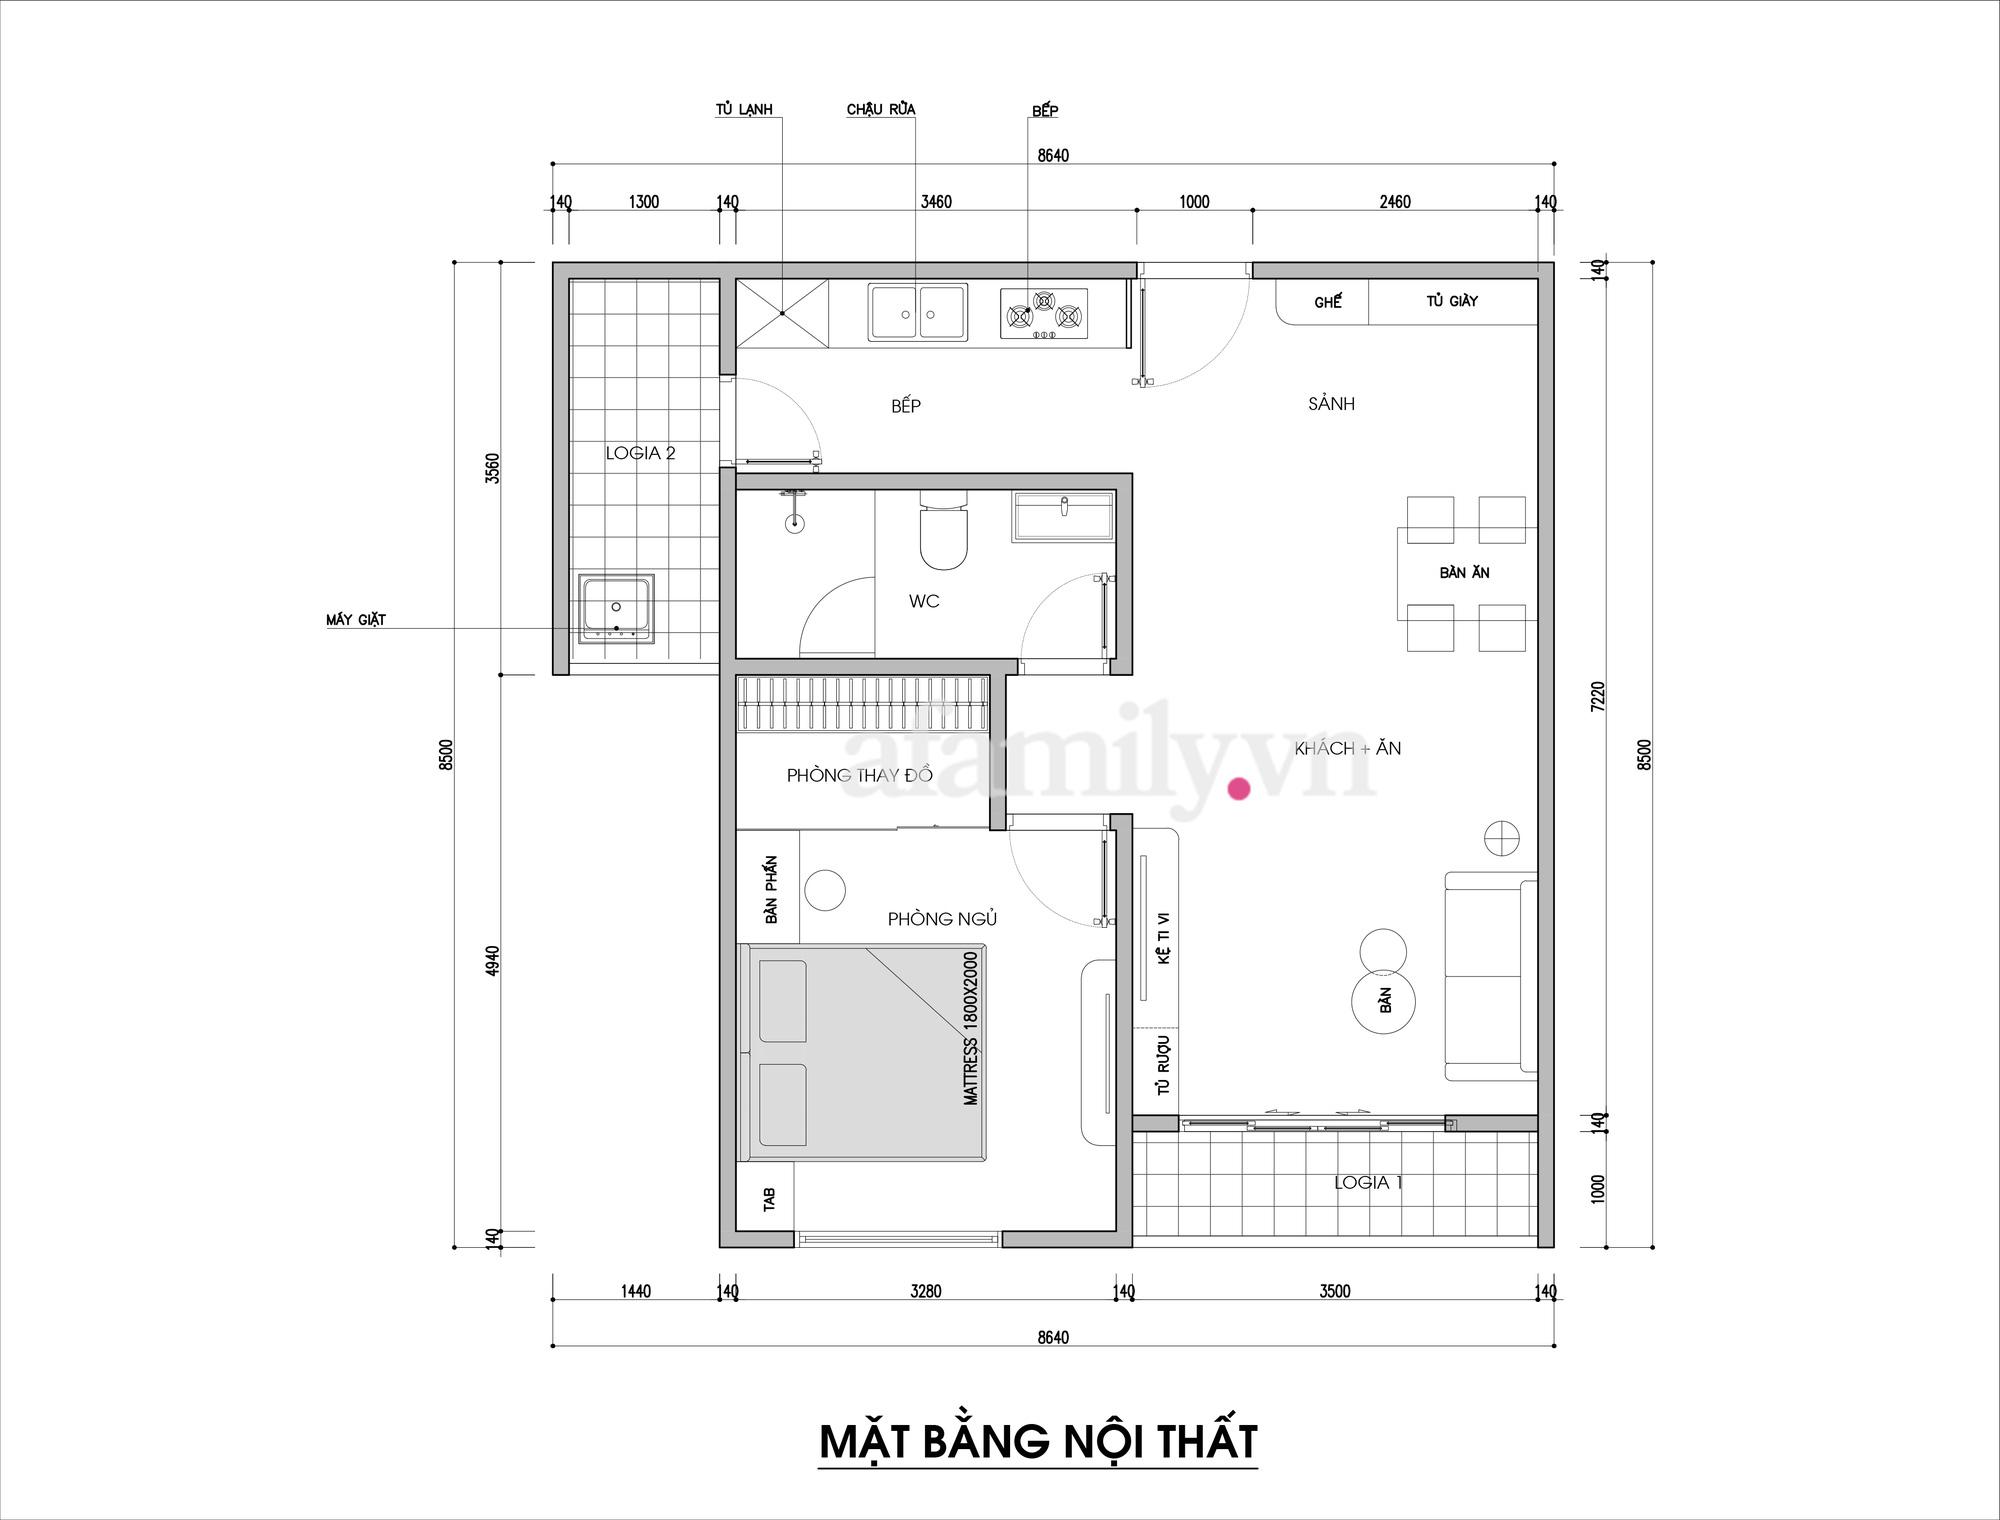 Kiến trúc sư tư vấn thiết kế căn hộ 67m² dành cho cô gái độc thân chi phí 98,3 triệu đồng  - Ảnh 2.